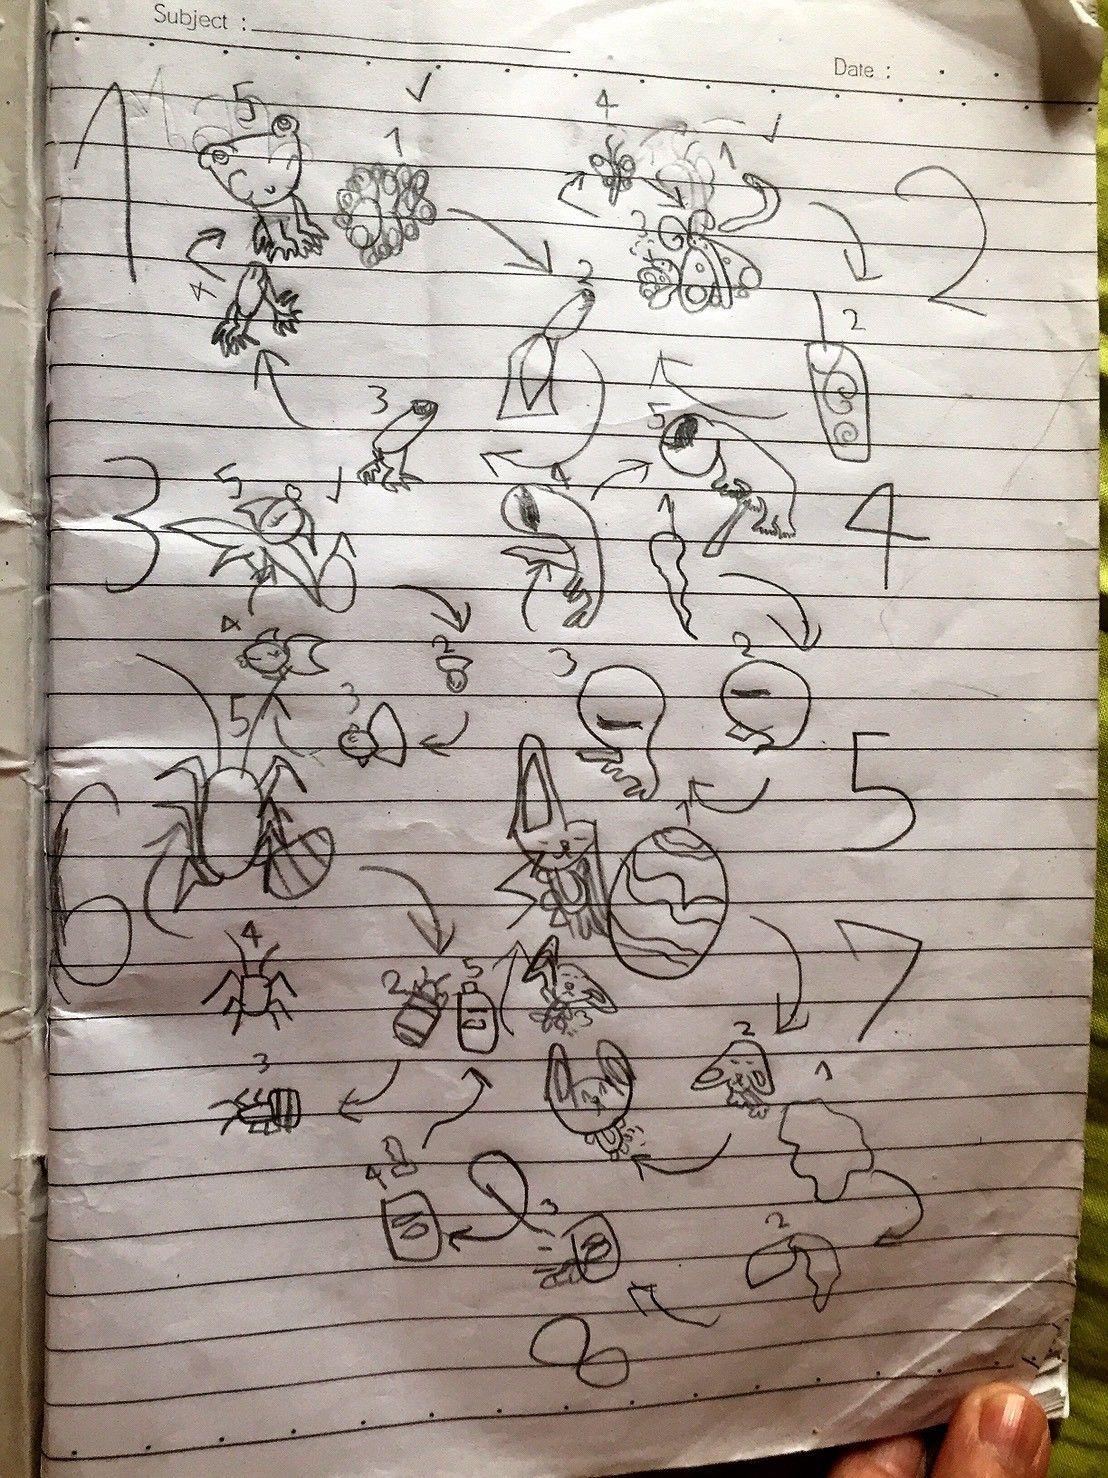 วงจรสิ่งมีชีวิต เขียนจากความคิดของพี่หนู พลอยฟ้า หกขวบ 28 / 01 / 18